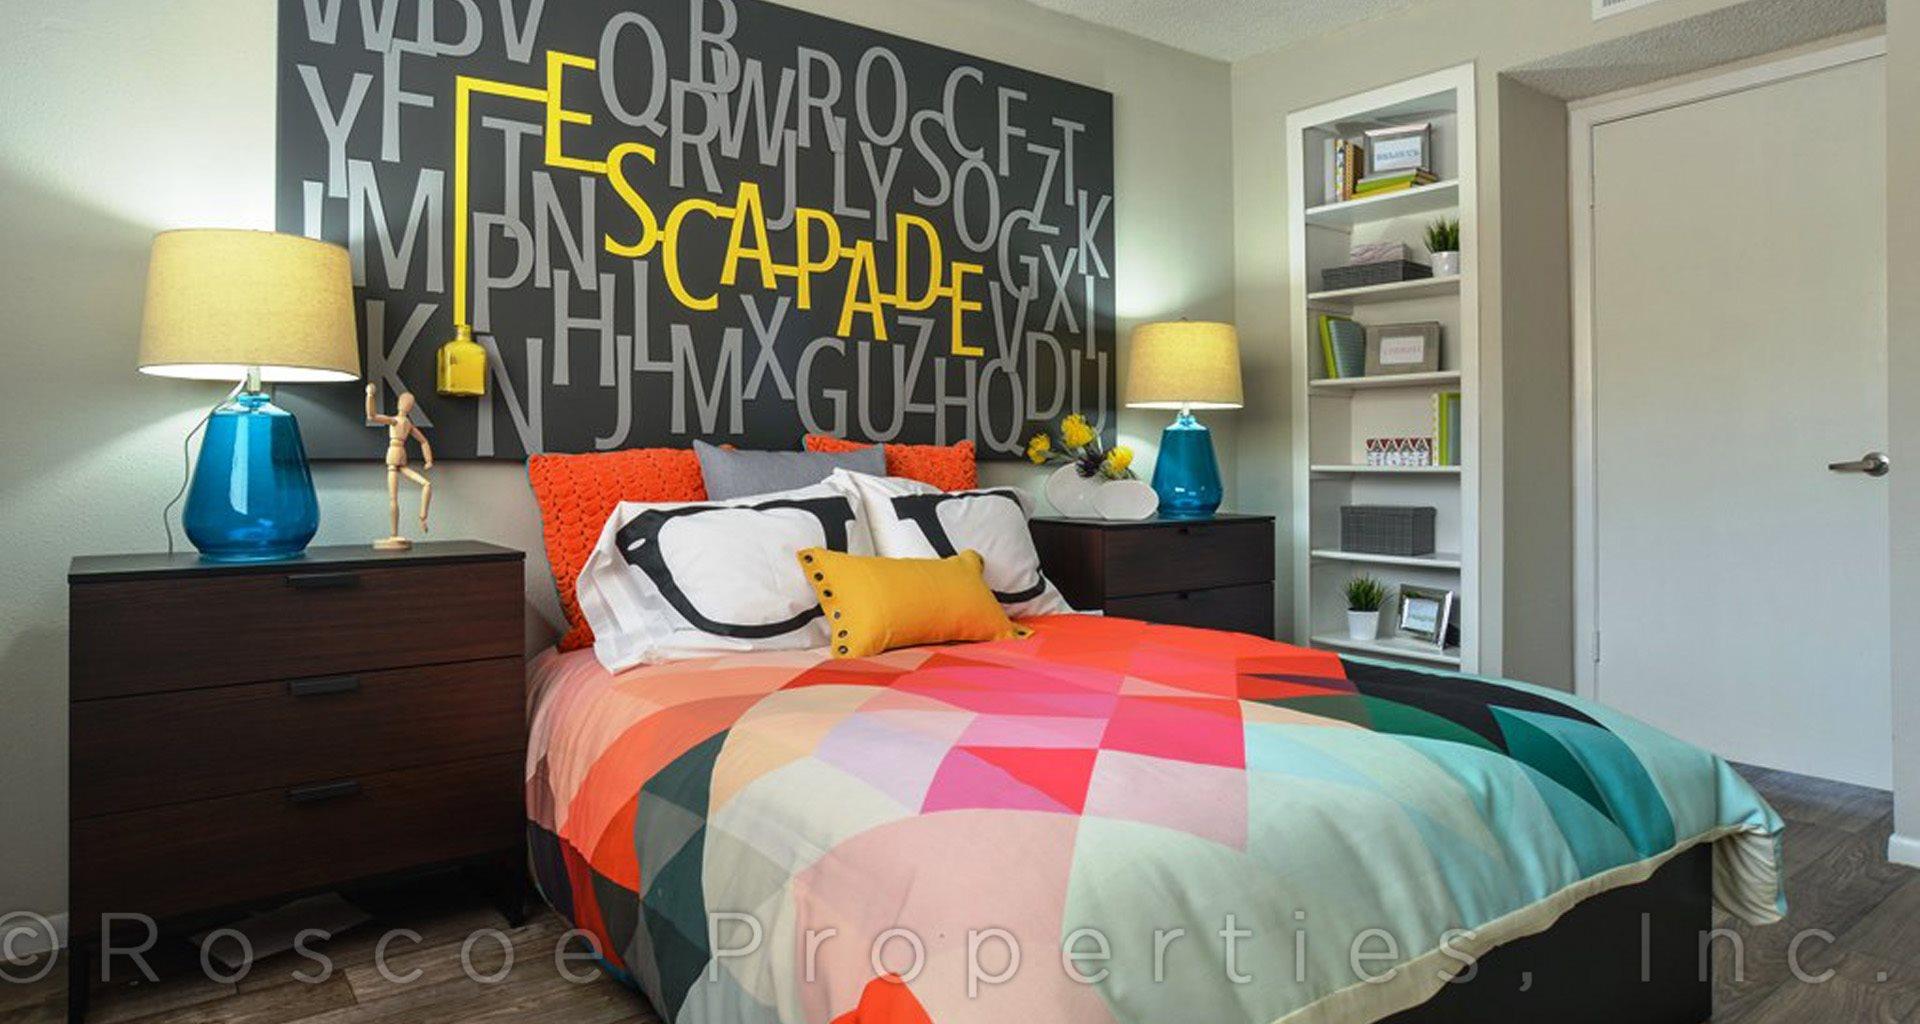 Escapade Apartments San Antonio Tx